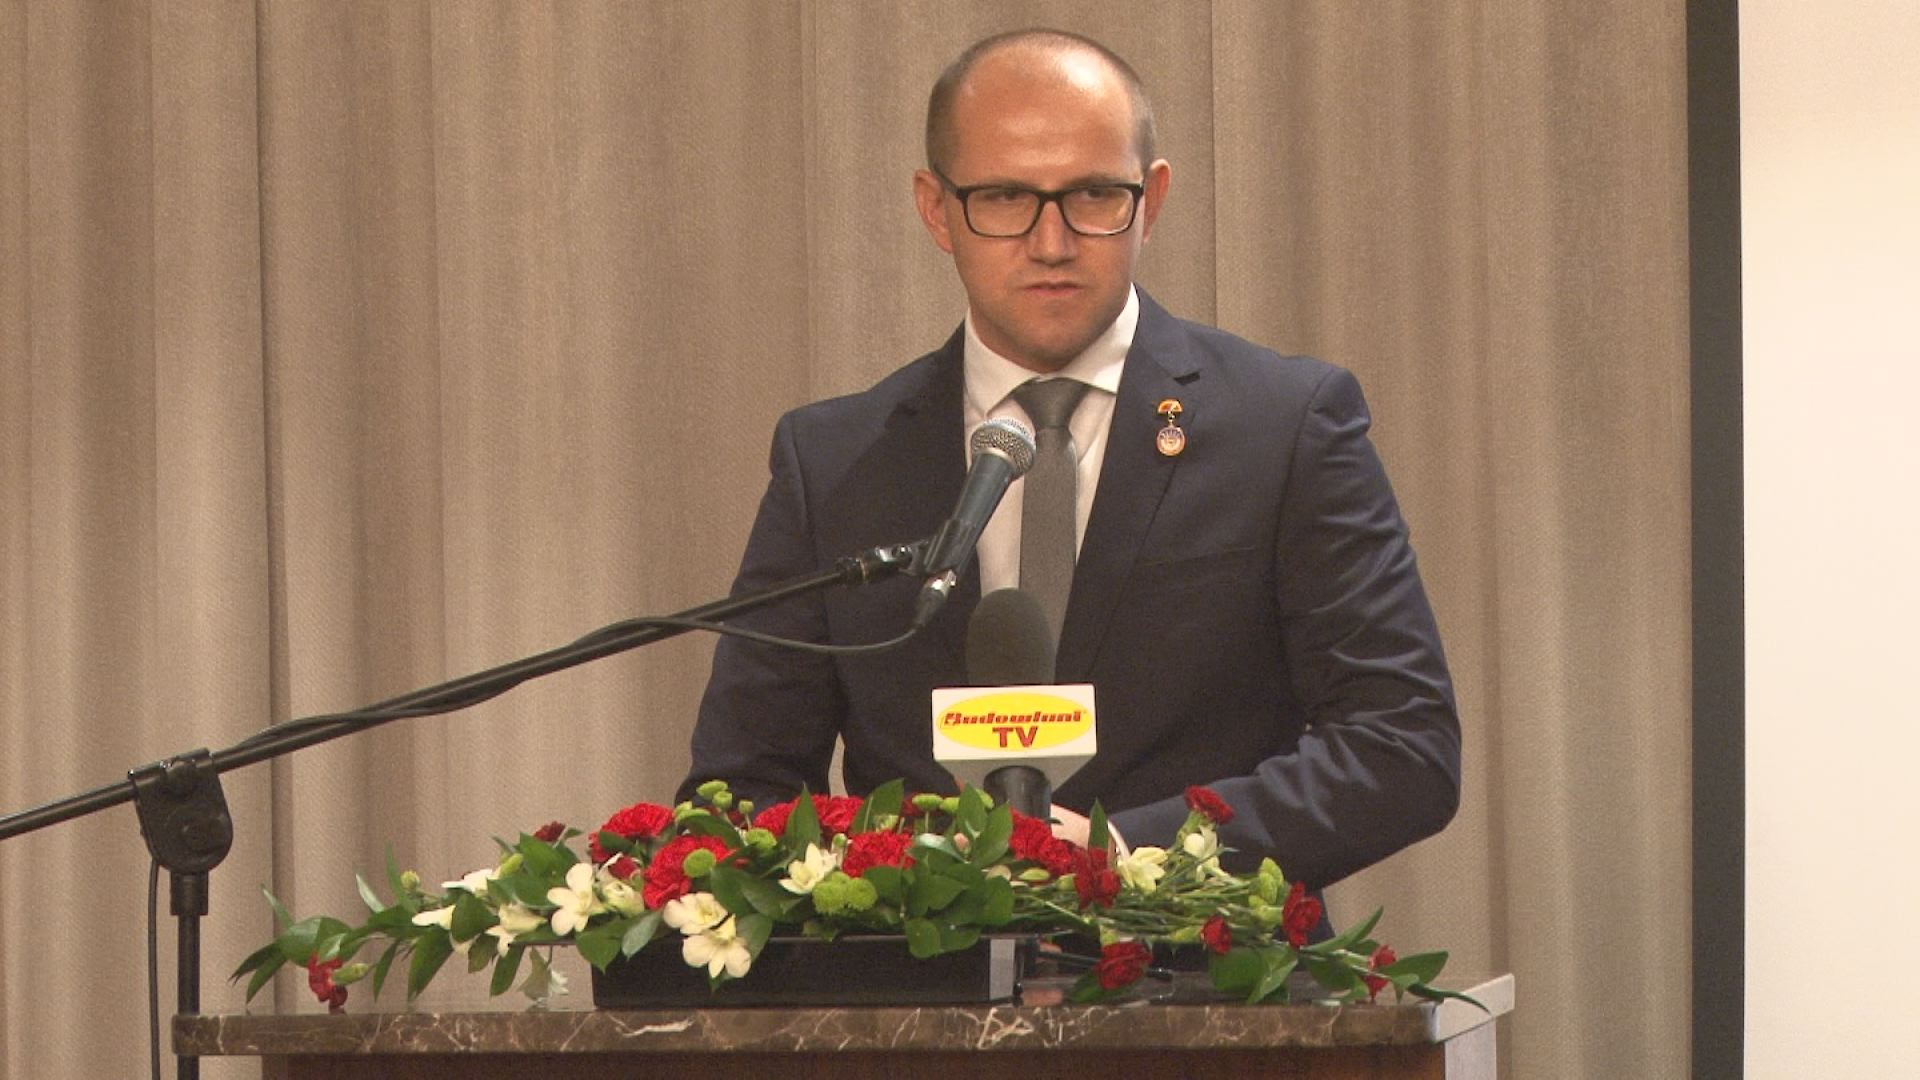 Tomasz Żuchowski, Podsekretarz Stanu w Ministerstwie Infrastruktury i Budownictwa